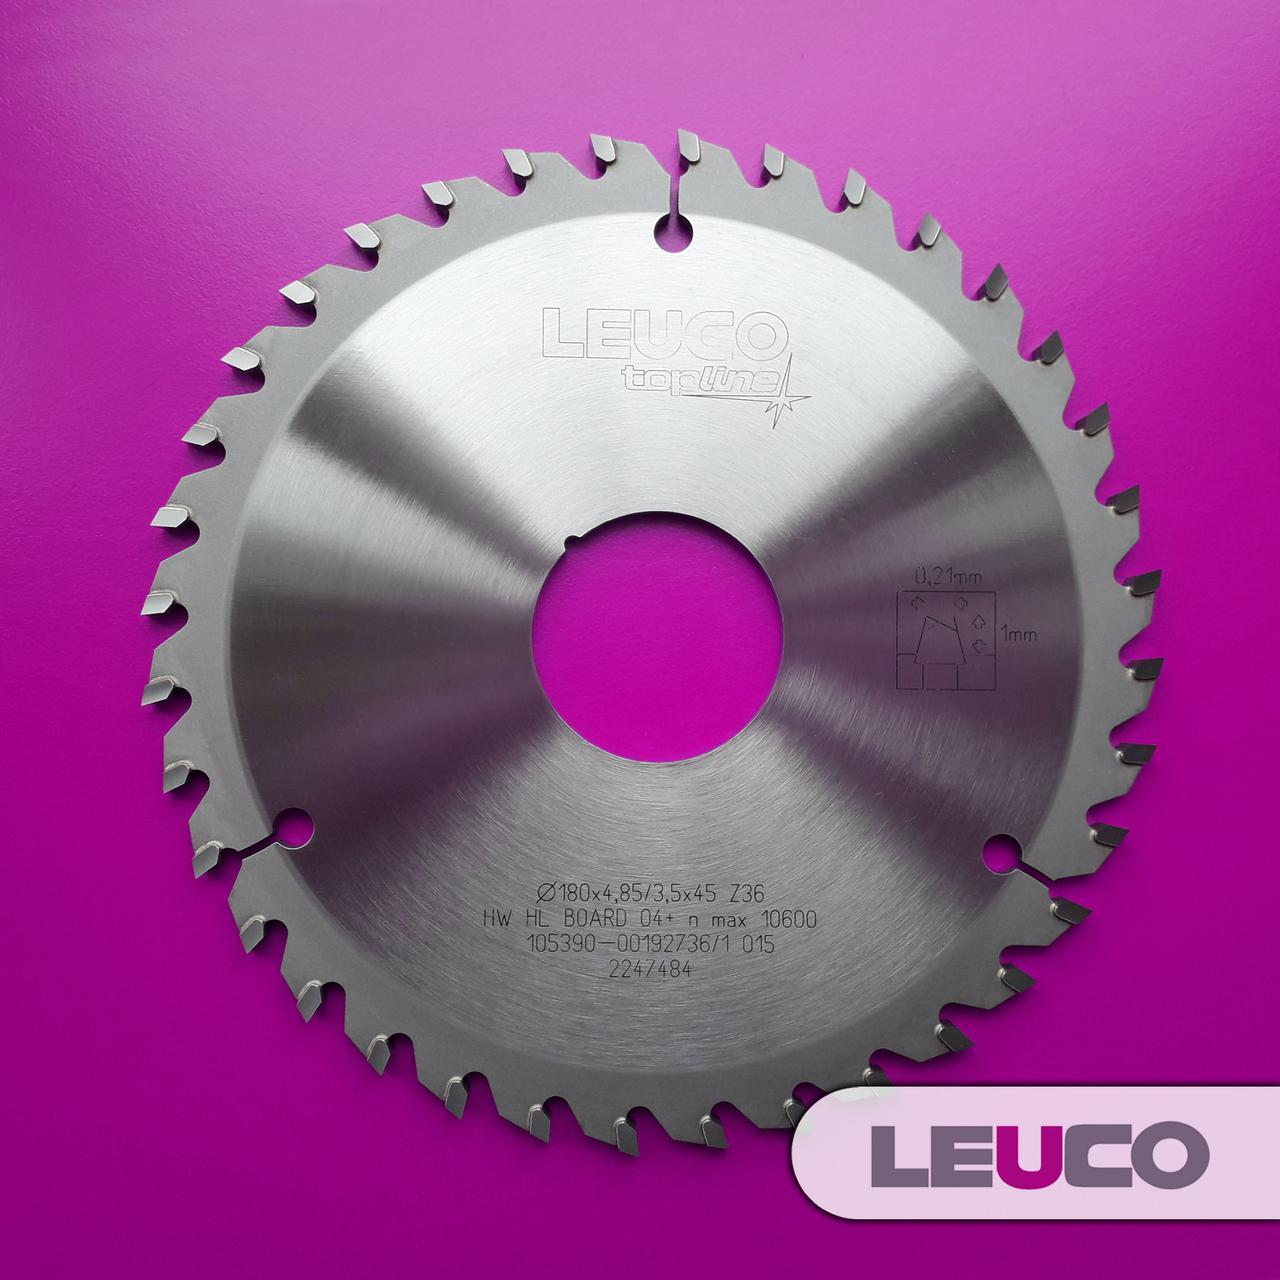 180х4,85-5,65х3,5х45, Z=36 Подрезная дисковая пила Leuco для пильных центров